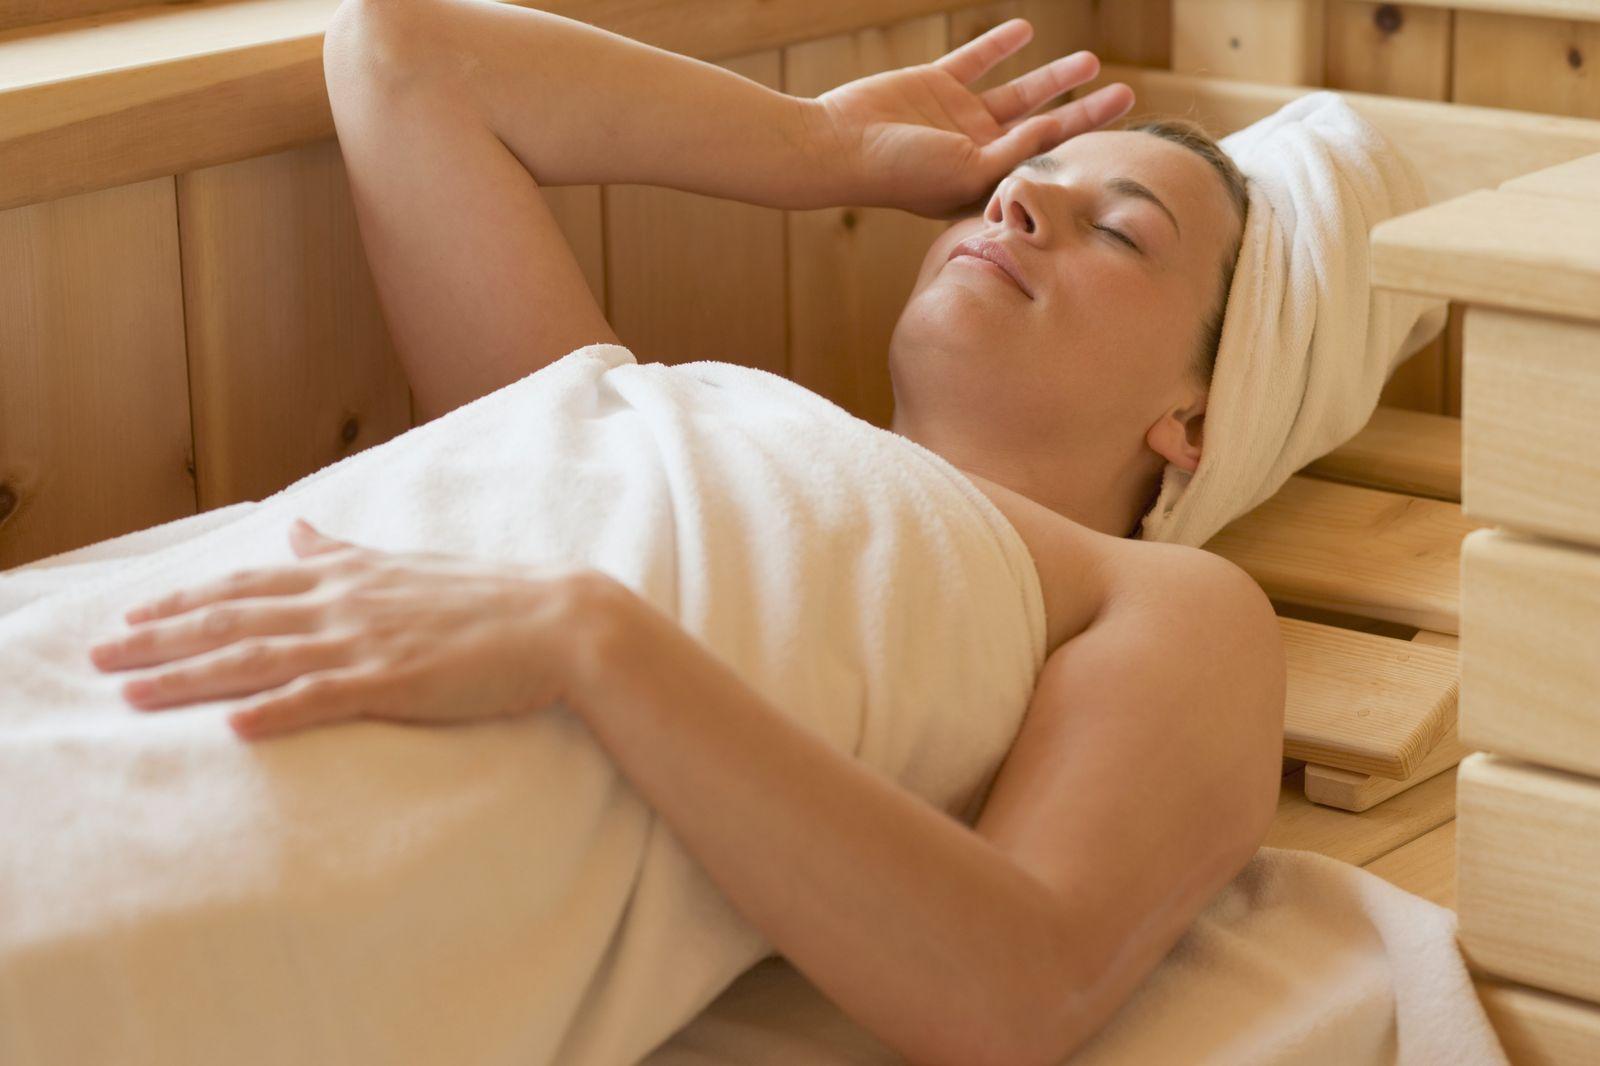 NICHT MEHR VERWENDEN! - Sauna / Wellness